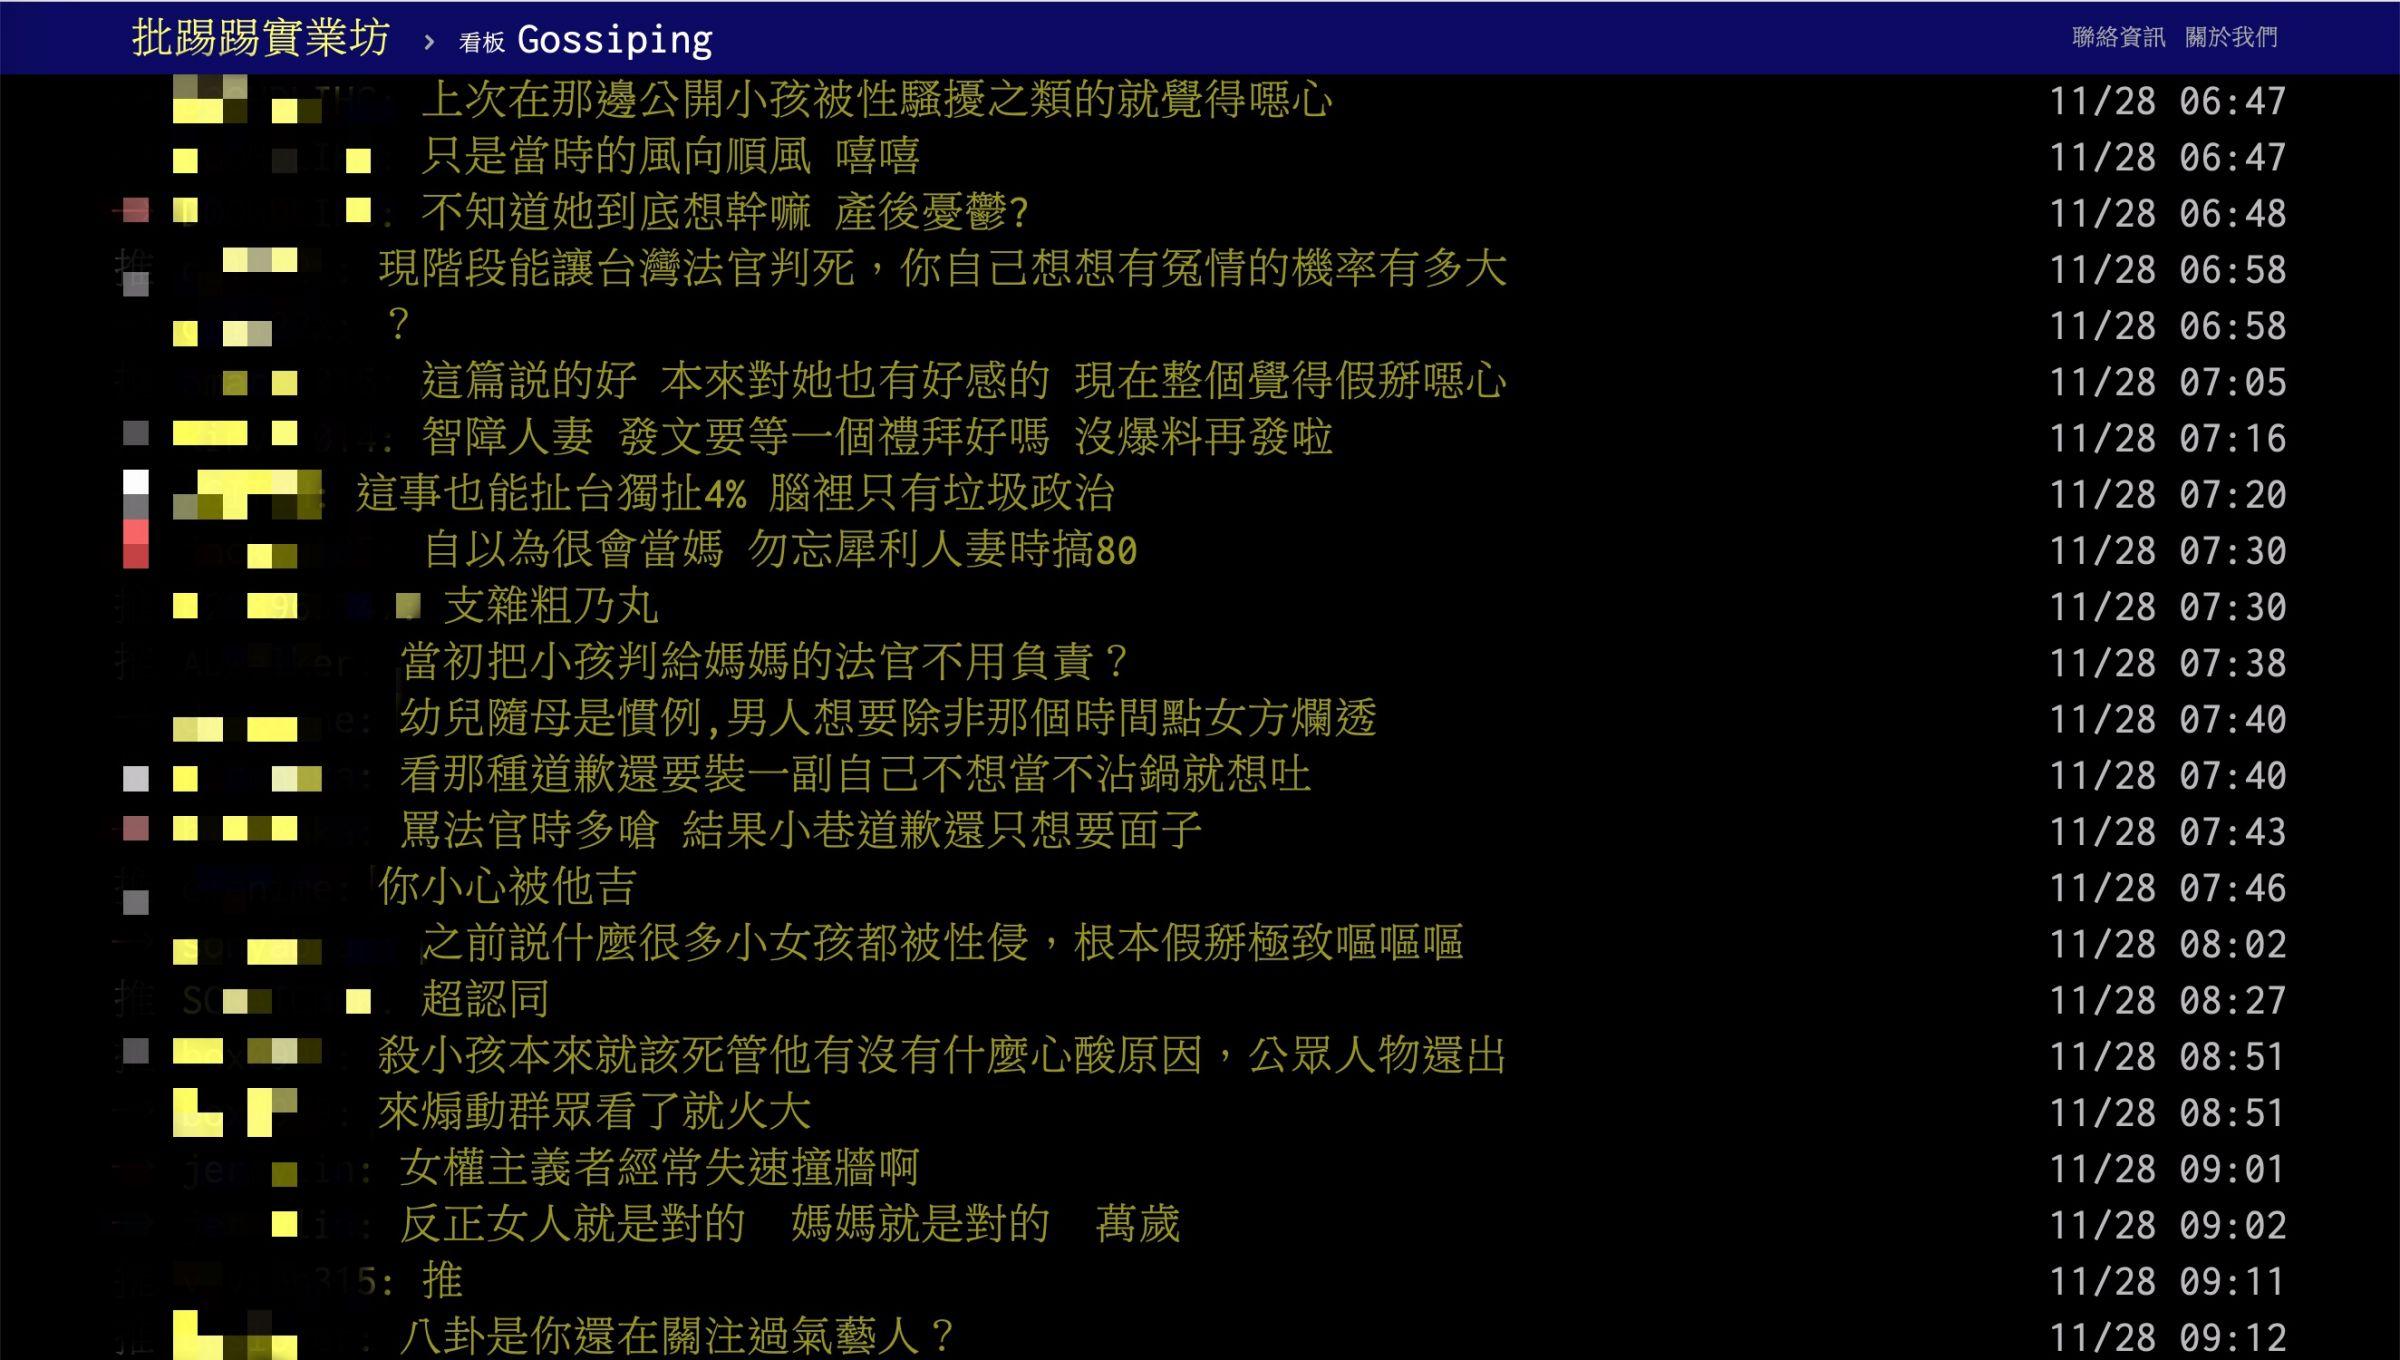 「手不小心鬆開」?隋棠言論遭群起圍攻 網罵:最矯情噁爛的文章